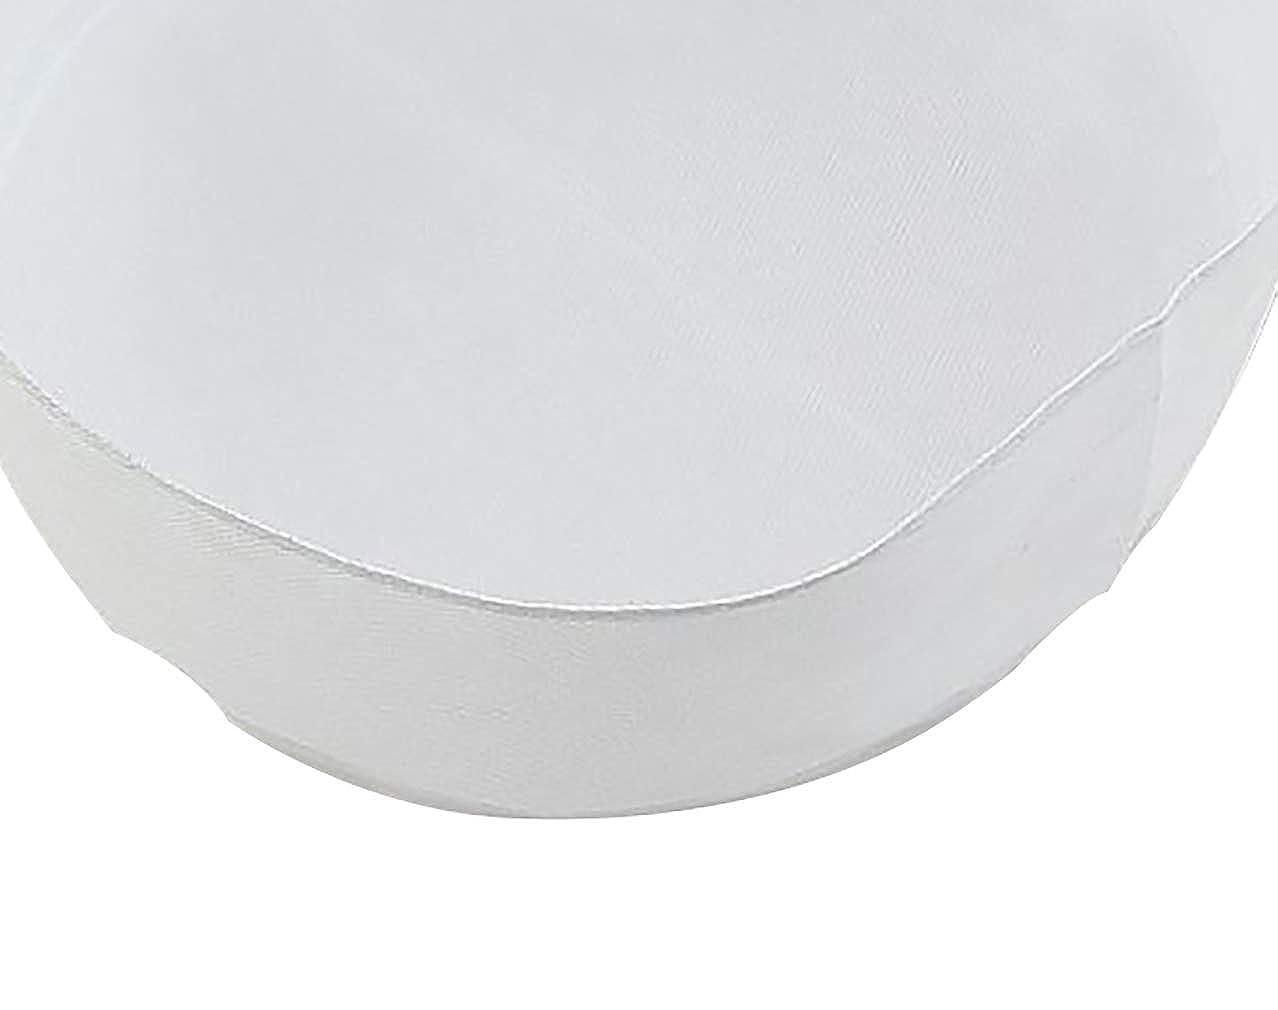 Turbante Araba Islamica Cappello Confortevole Indiano Bianco zhxinashu Musulmano di Ramadan Tondo Uomini cap